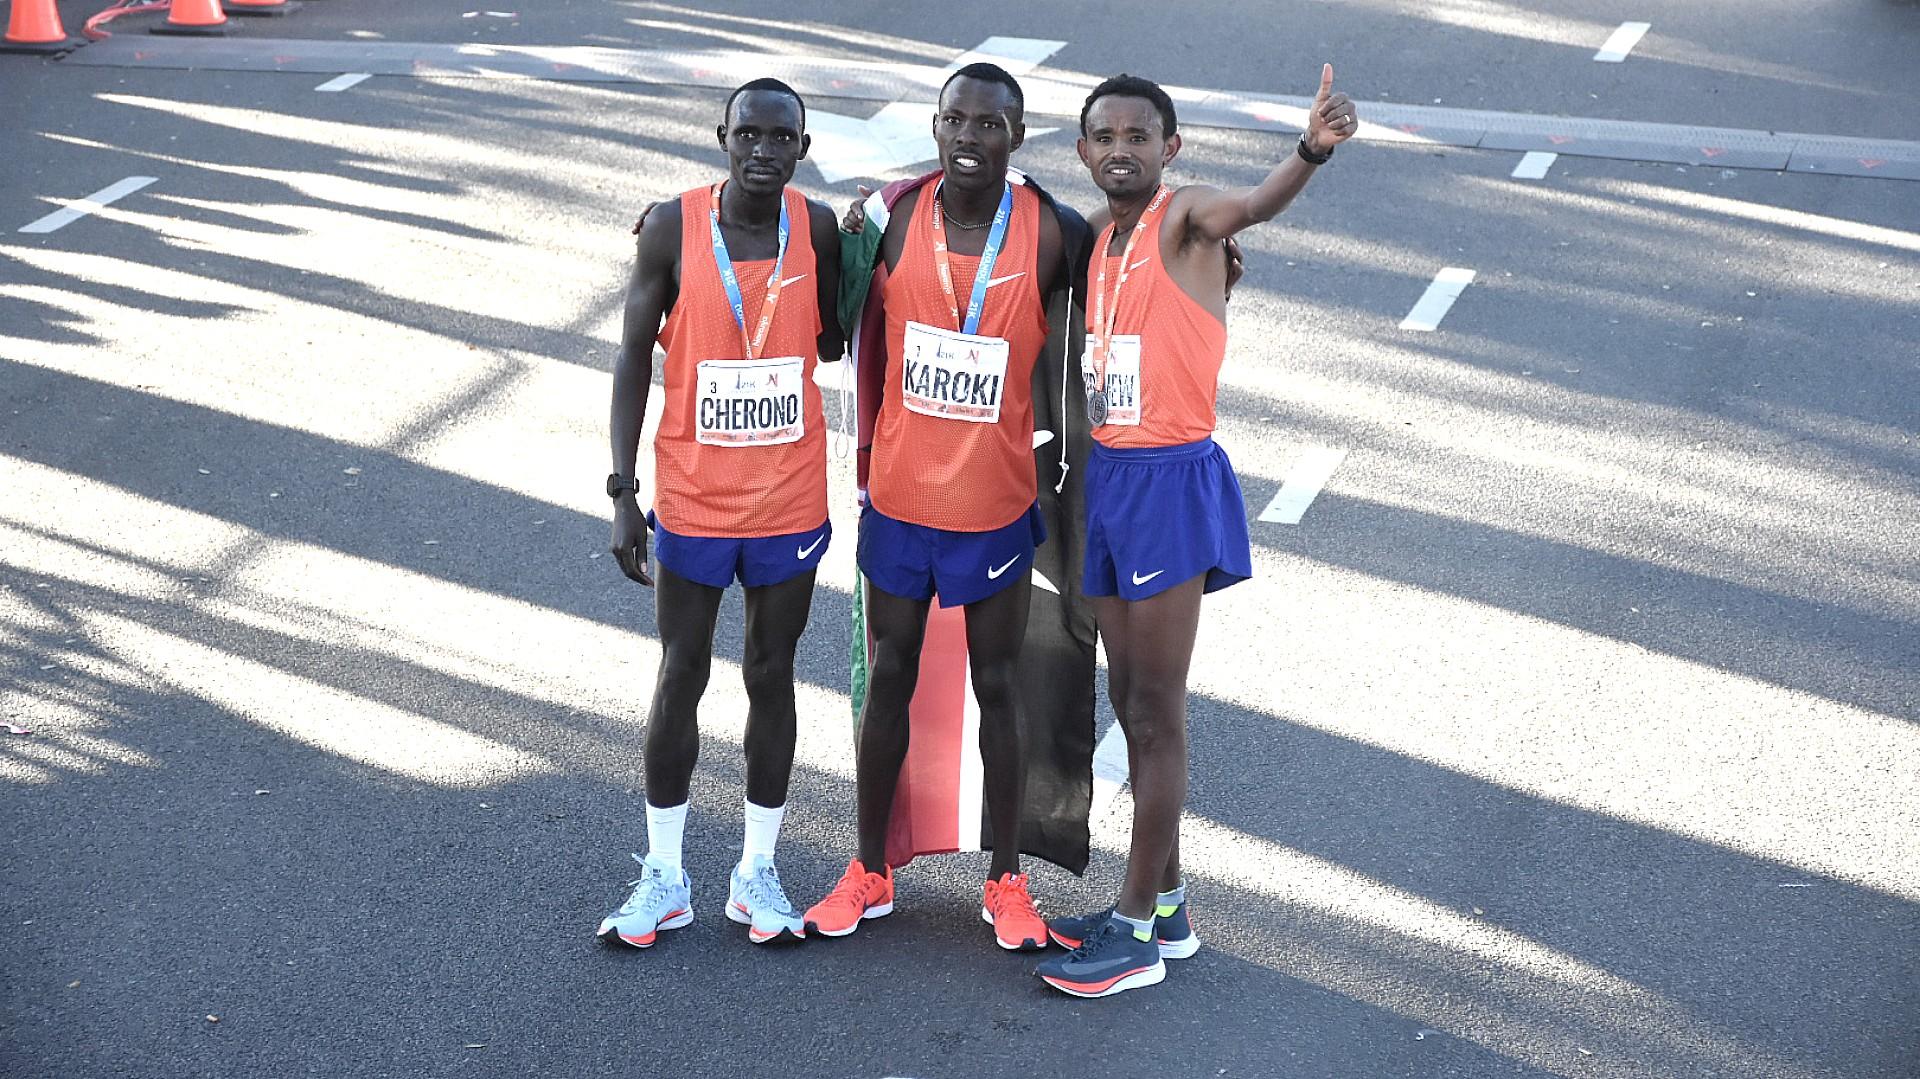 Geremew, con 59 minutos 48 segundos, es el ganador de la media maratón, una marca sin precedentes en el país. Bedan Karoki llega en segundo lugar con 59:49 y Lawrence Cherono en tercero con 1.01.57